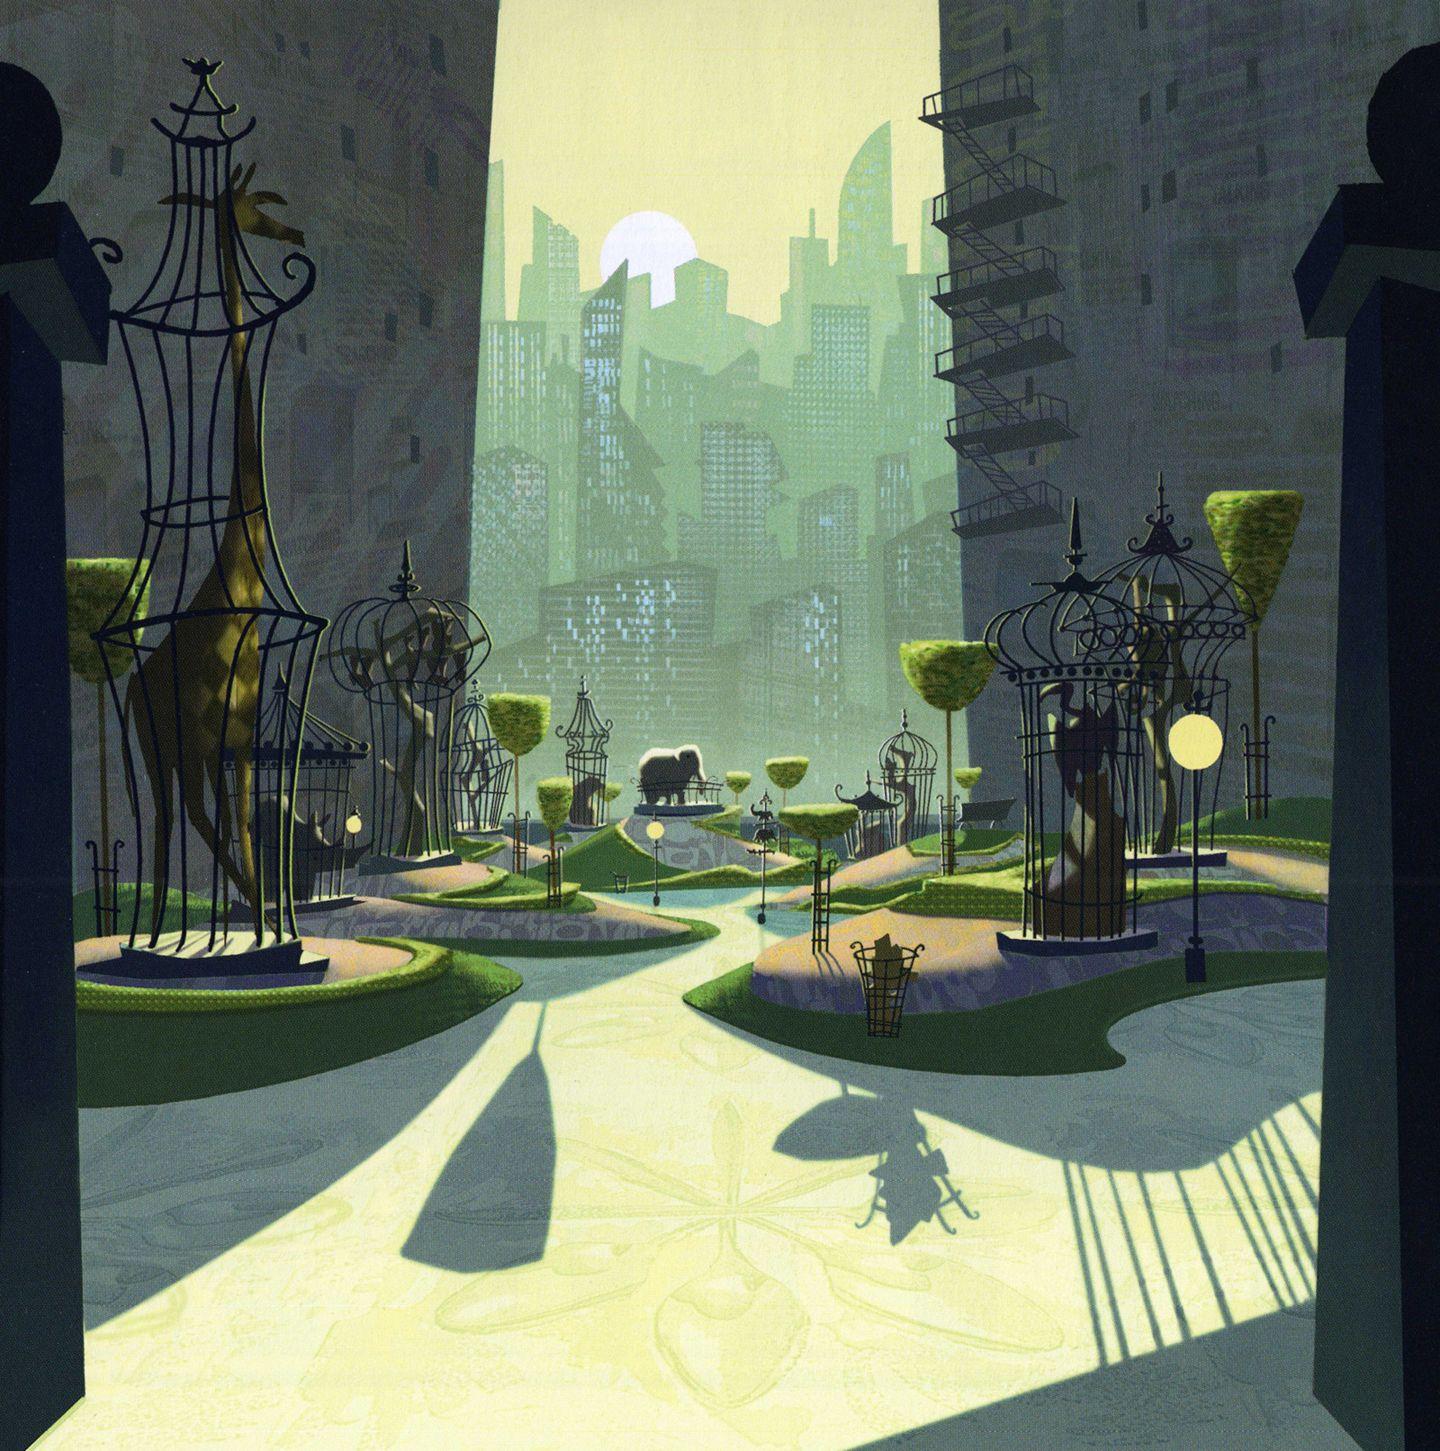 Wild Life - The Art Of Disney